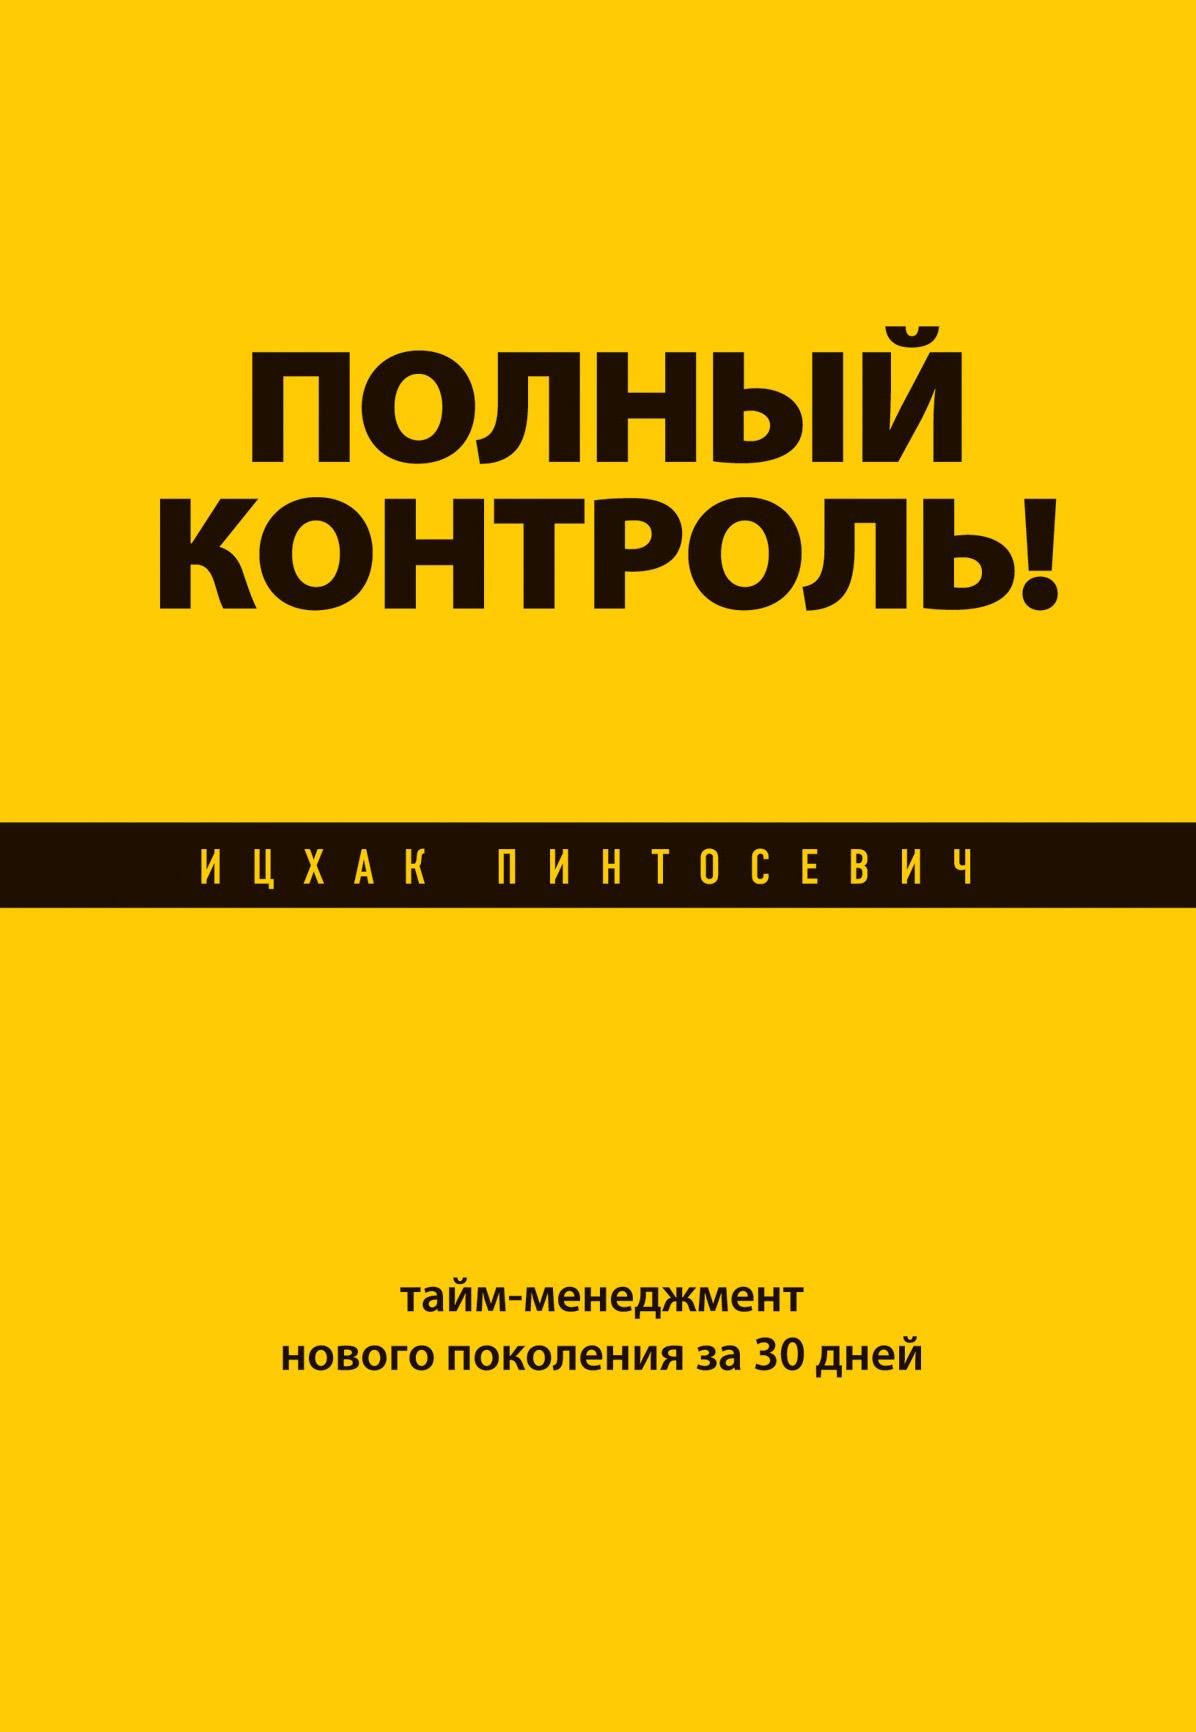 Ицхак Пинтосевич Полный контроль! Тайм-менеджмент нового поколения за 30 дней пинтосевич и хочу свой бизнес сам прос путь в процв